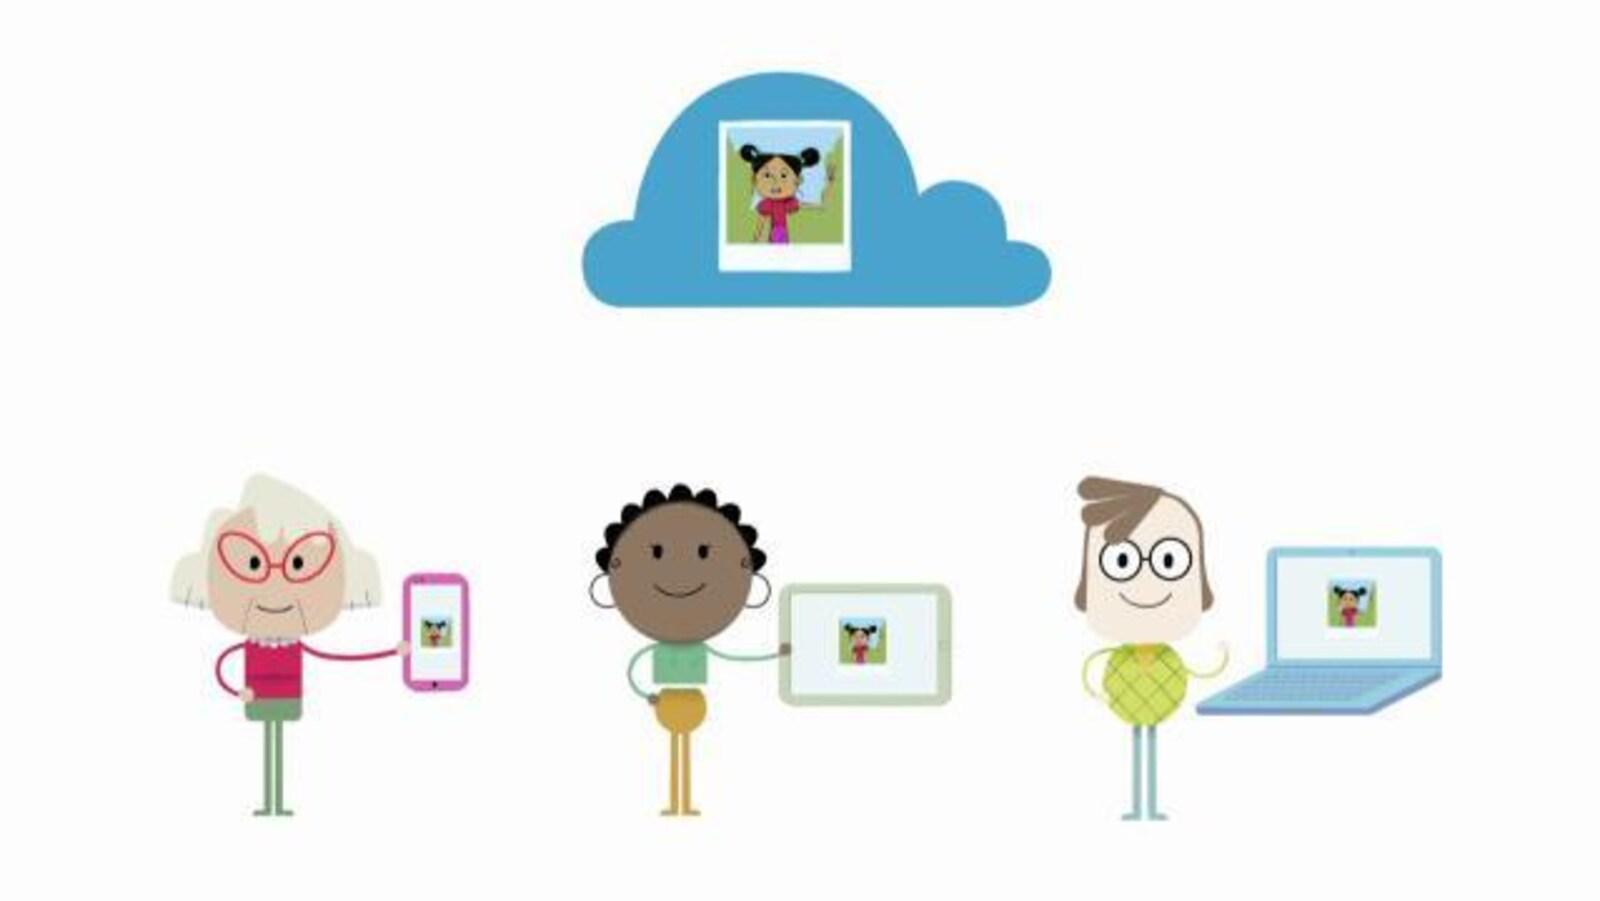 trois personnes montrent un ordi, une tablette et un cellulaire